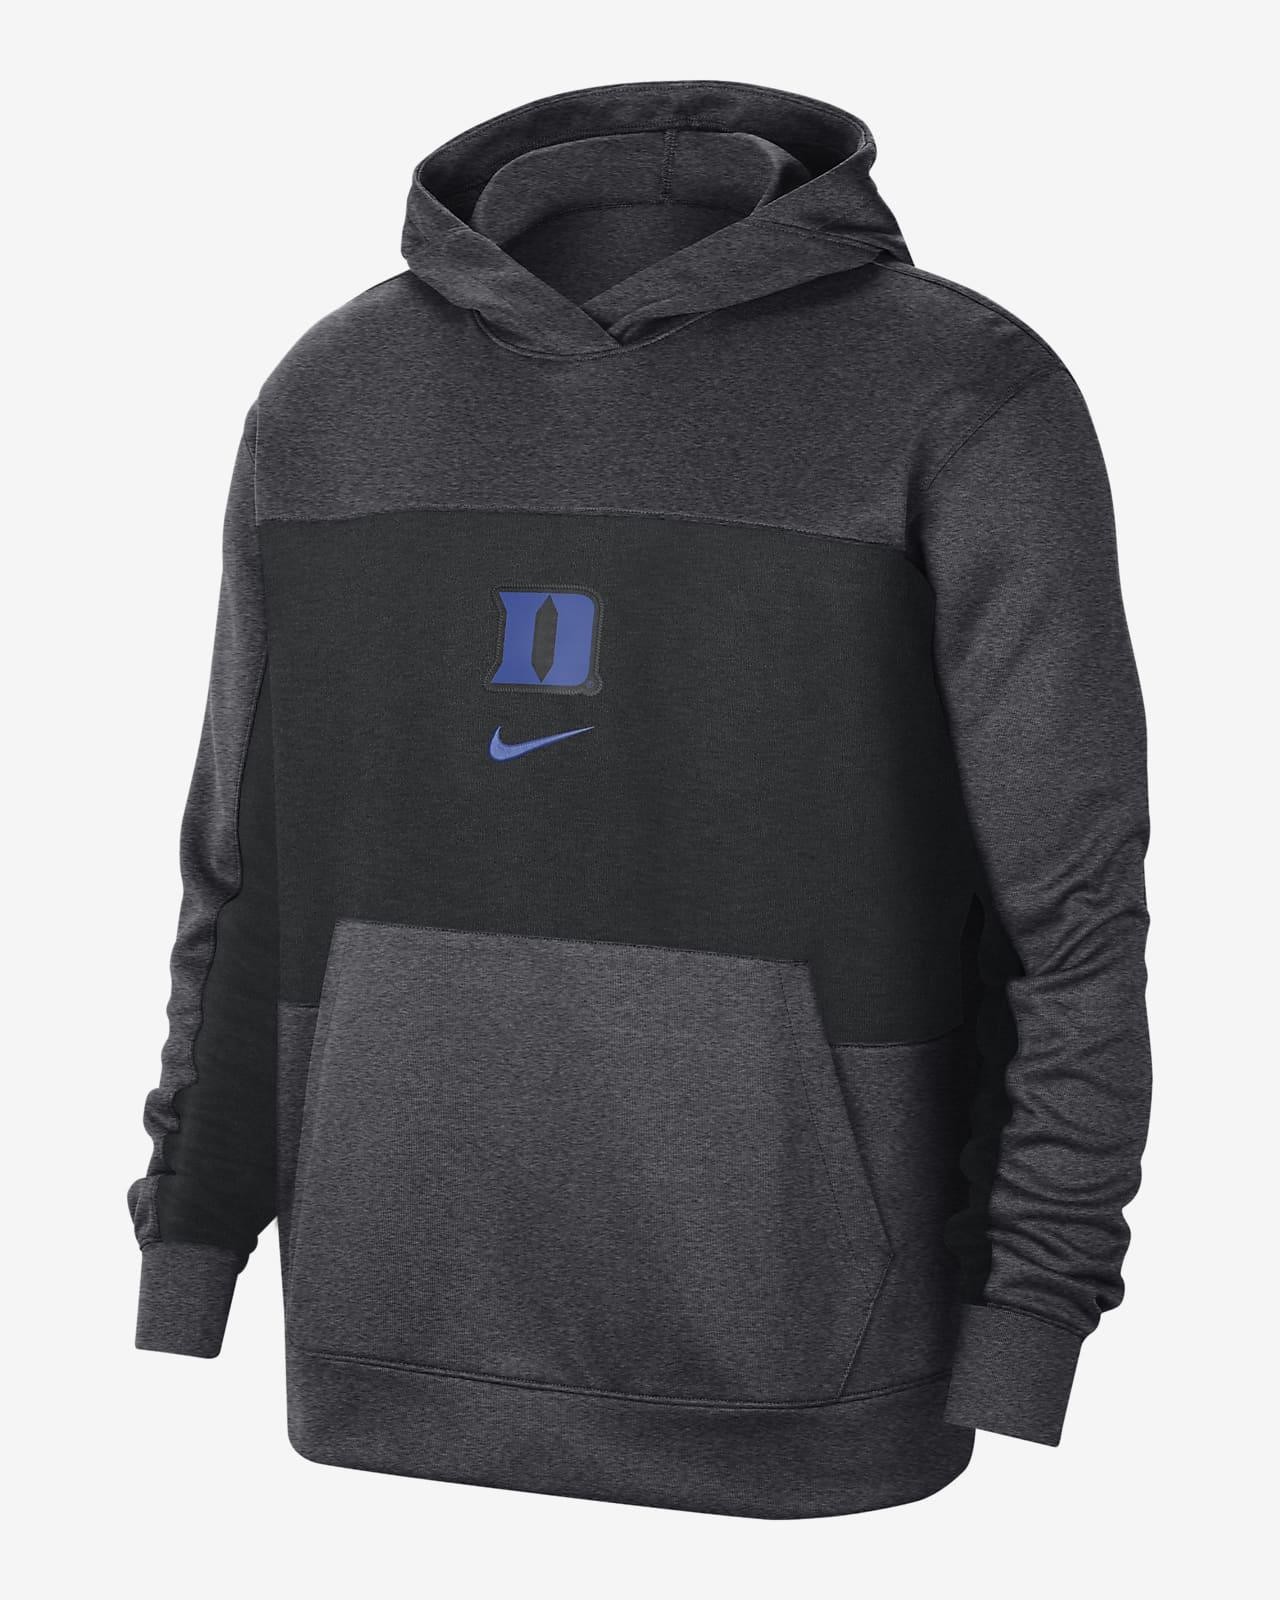 Nike Spotlight (Duke) Men's Pullover Hoodie